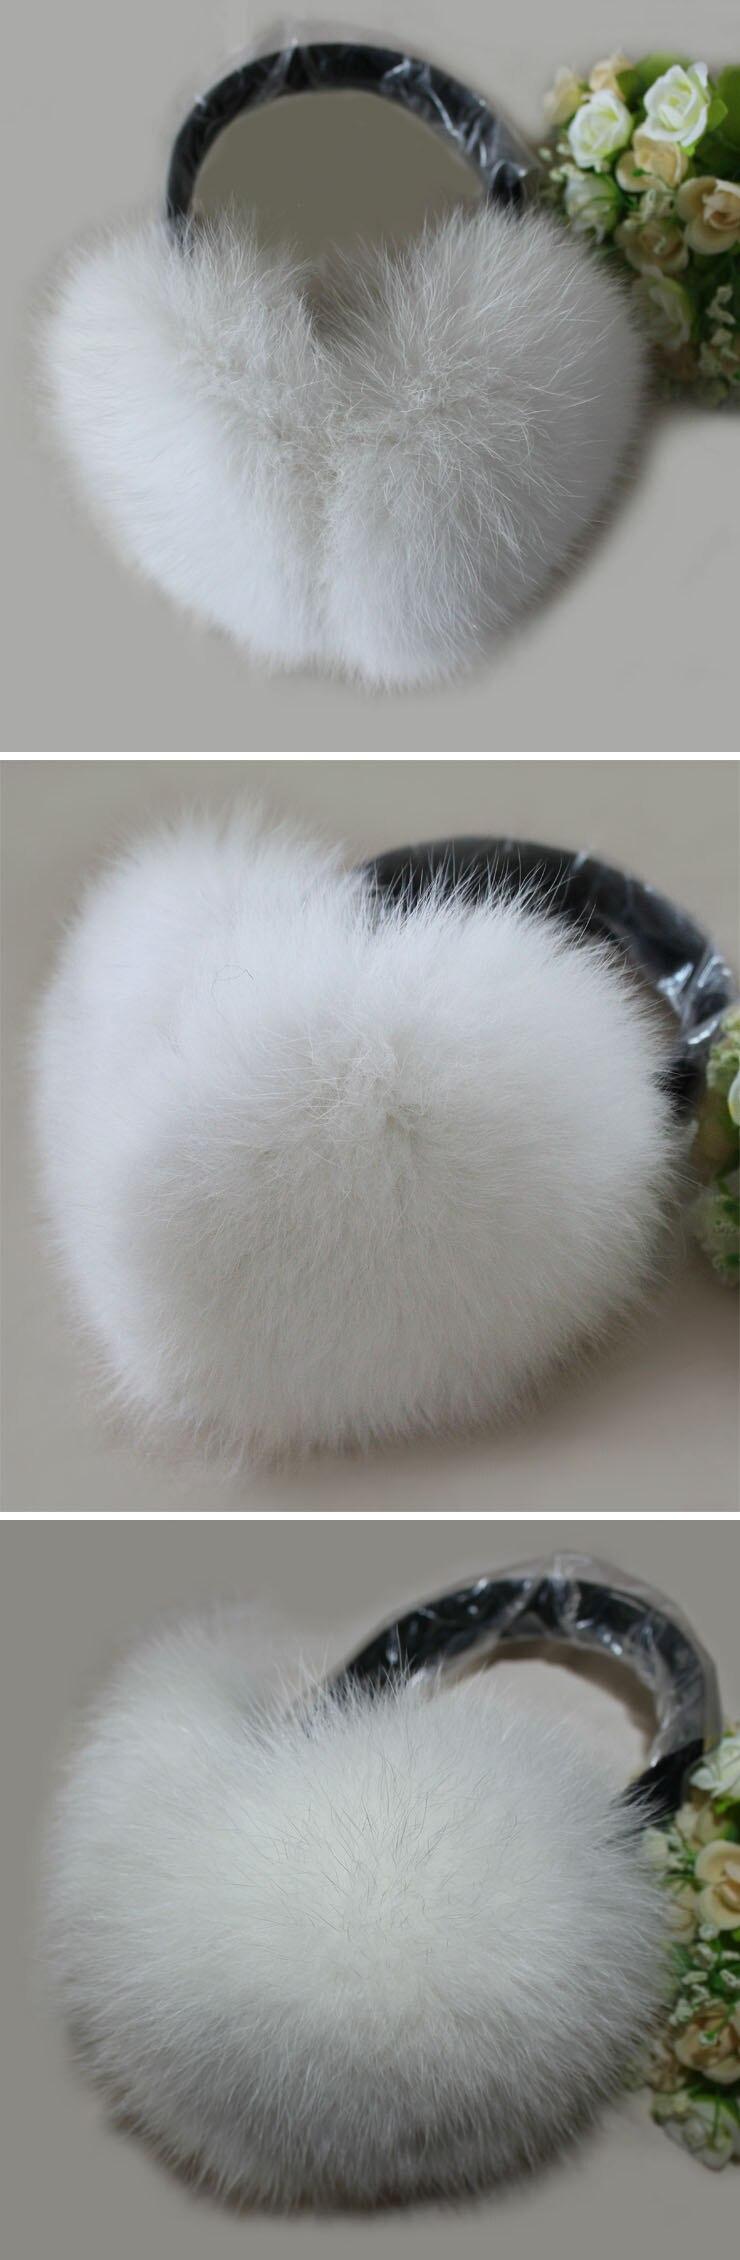 Headphones Warm Fur Stop118 8